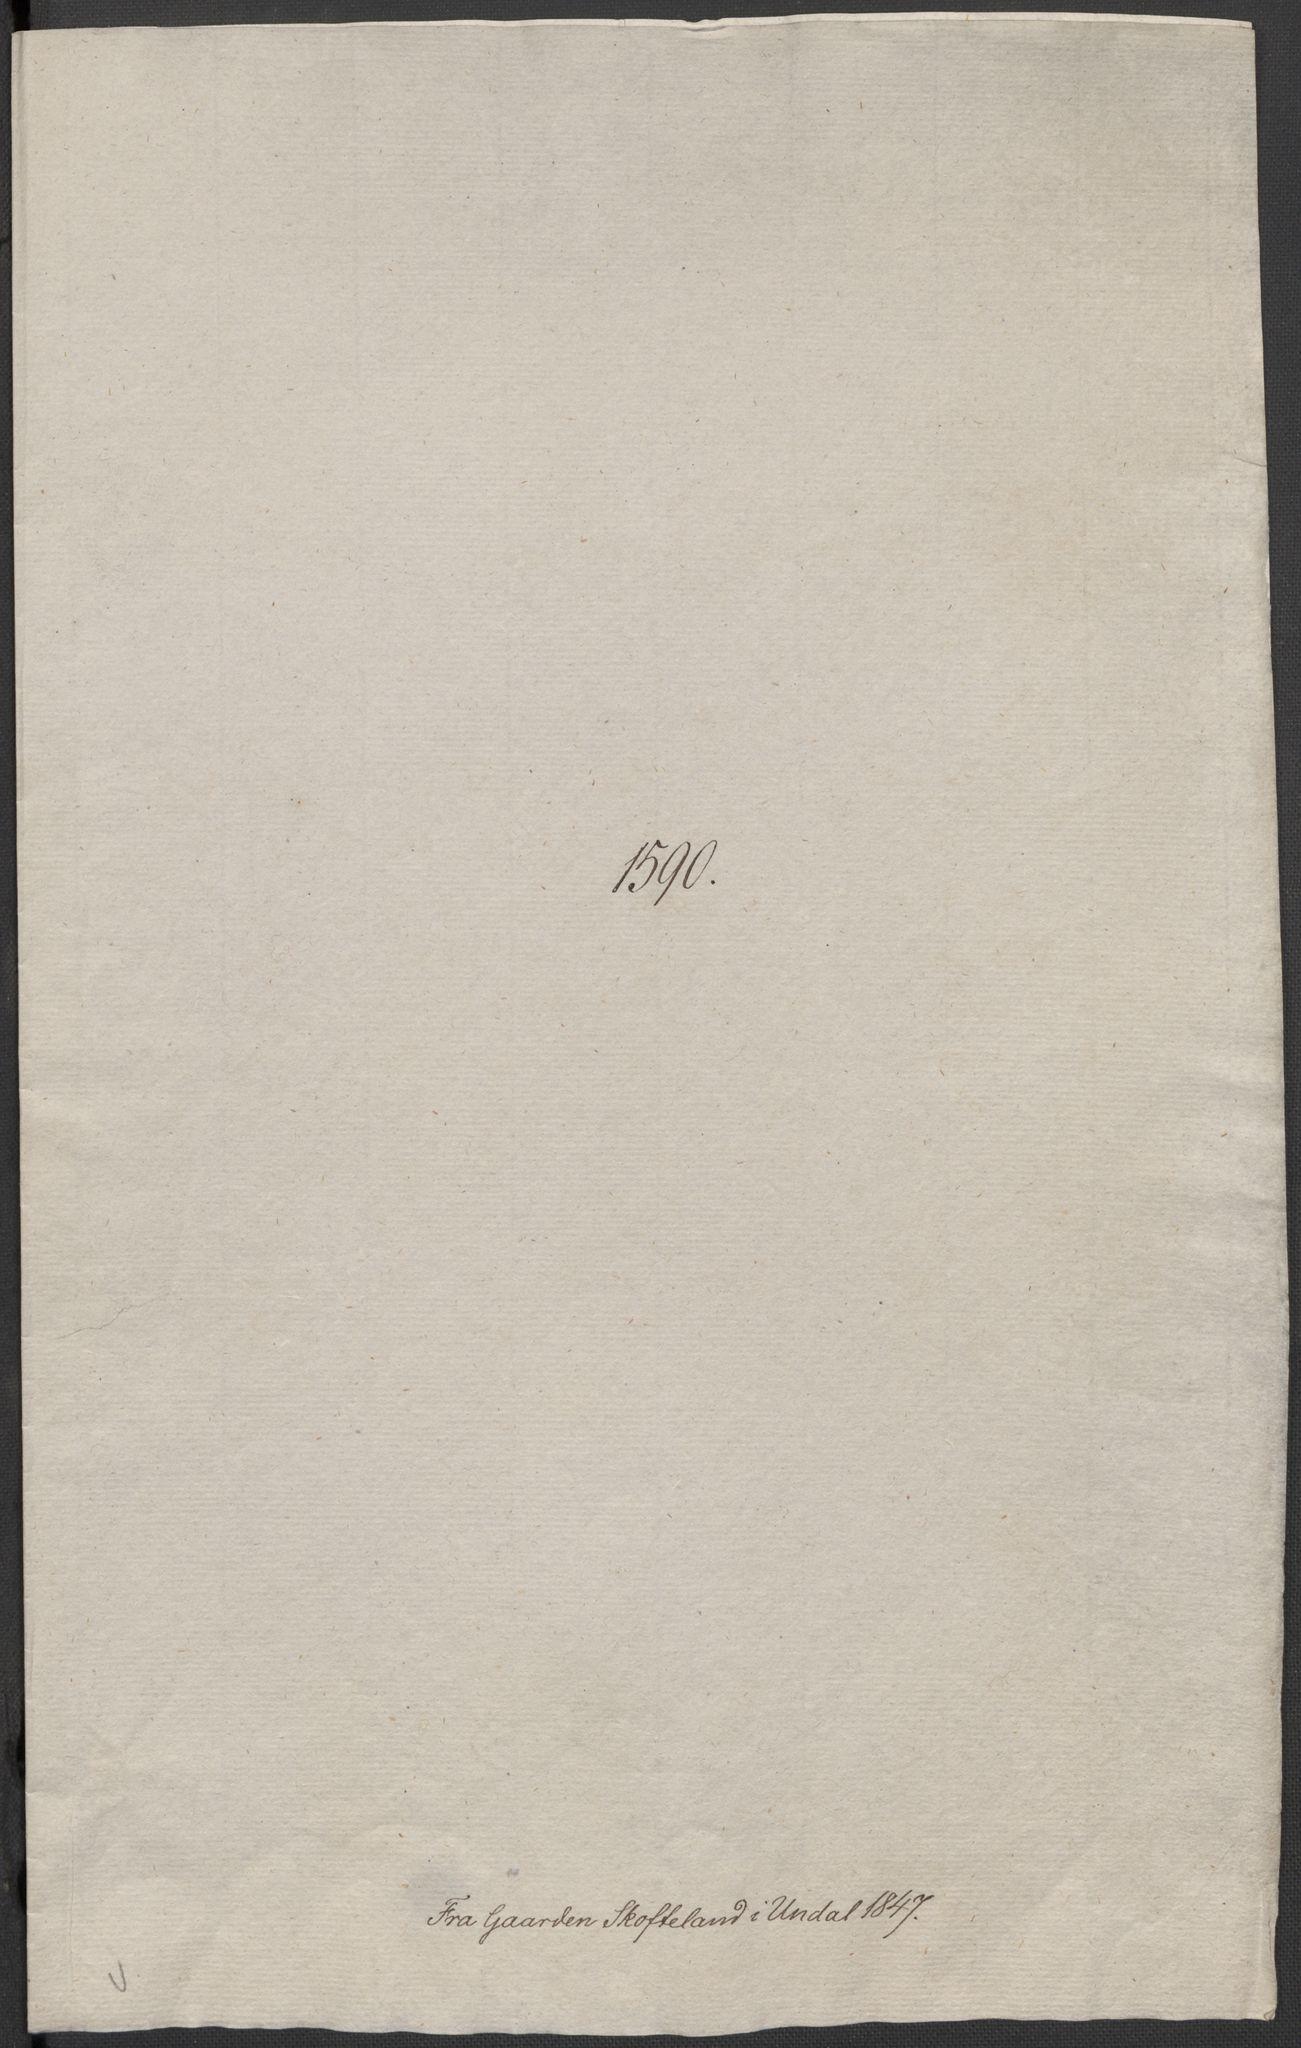 RA, Riksarkivets diplomsamling, F02/L0092: Dokumenter, 1590, s. 38